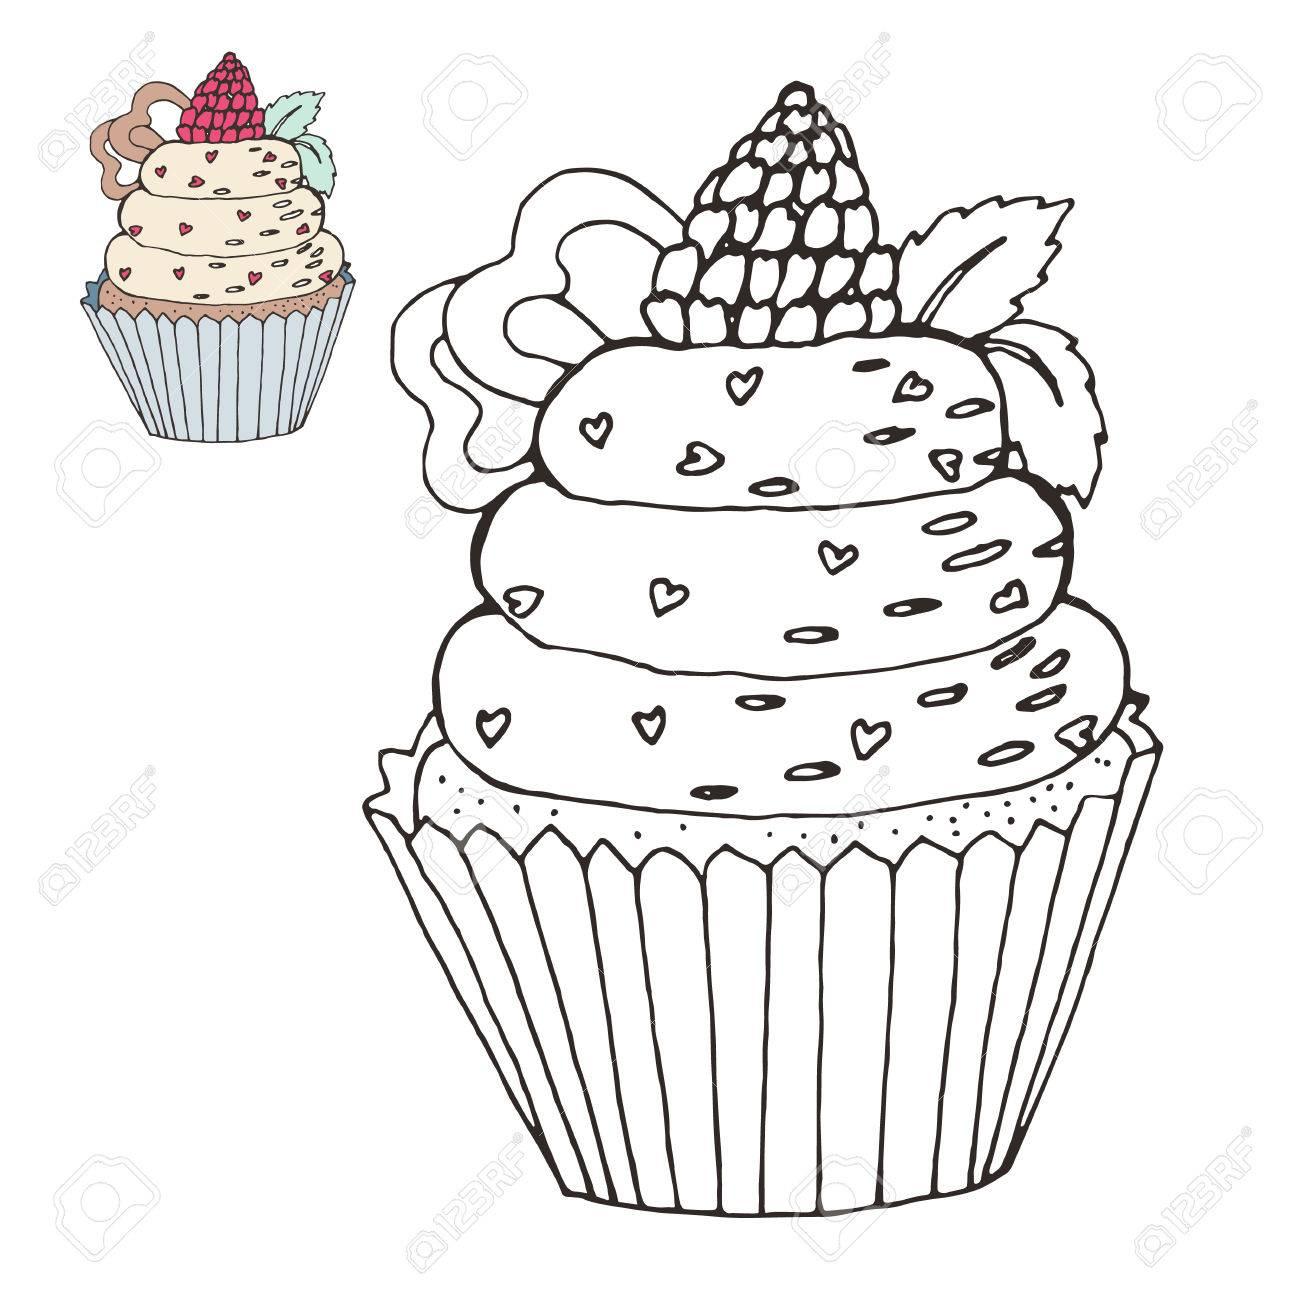 Asombroso Cupcakes Para Colorear Lindas Adorno - Enmarcado Para ...